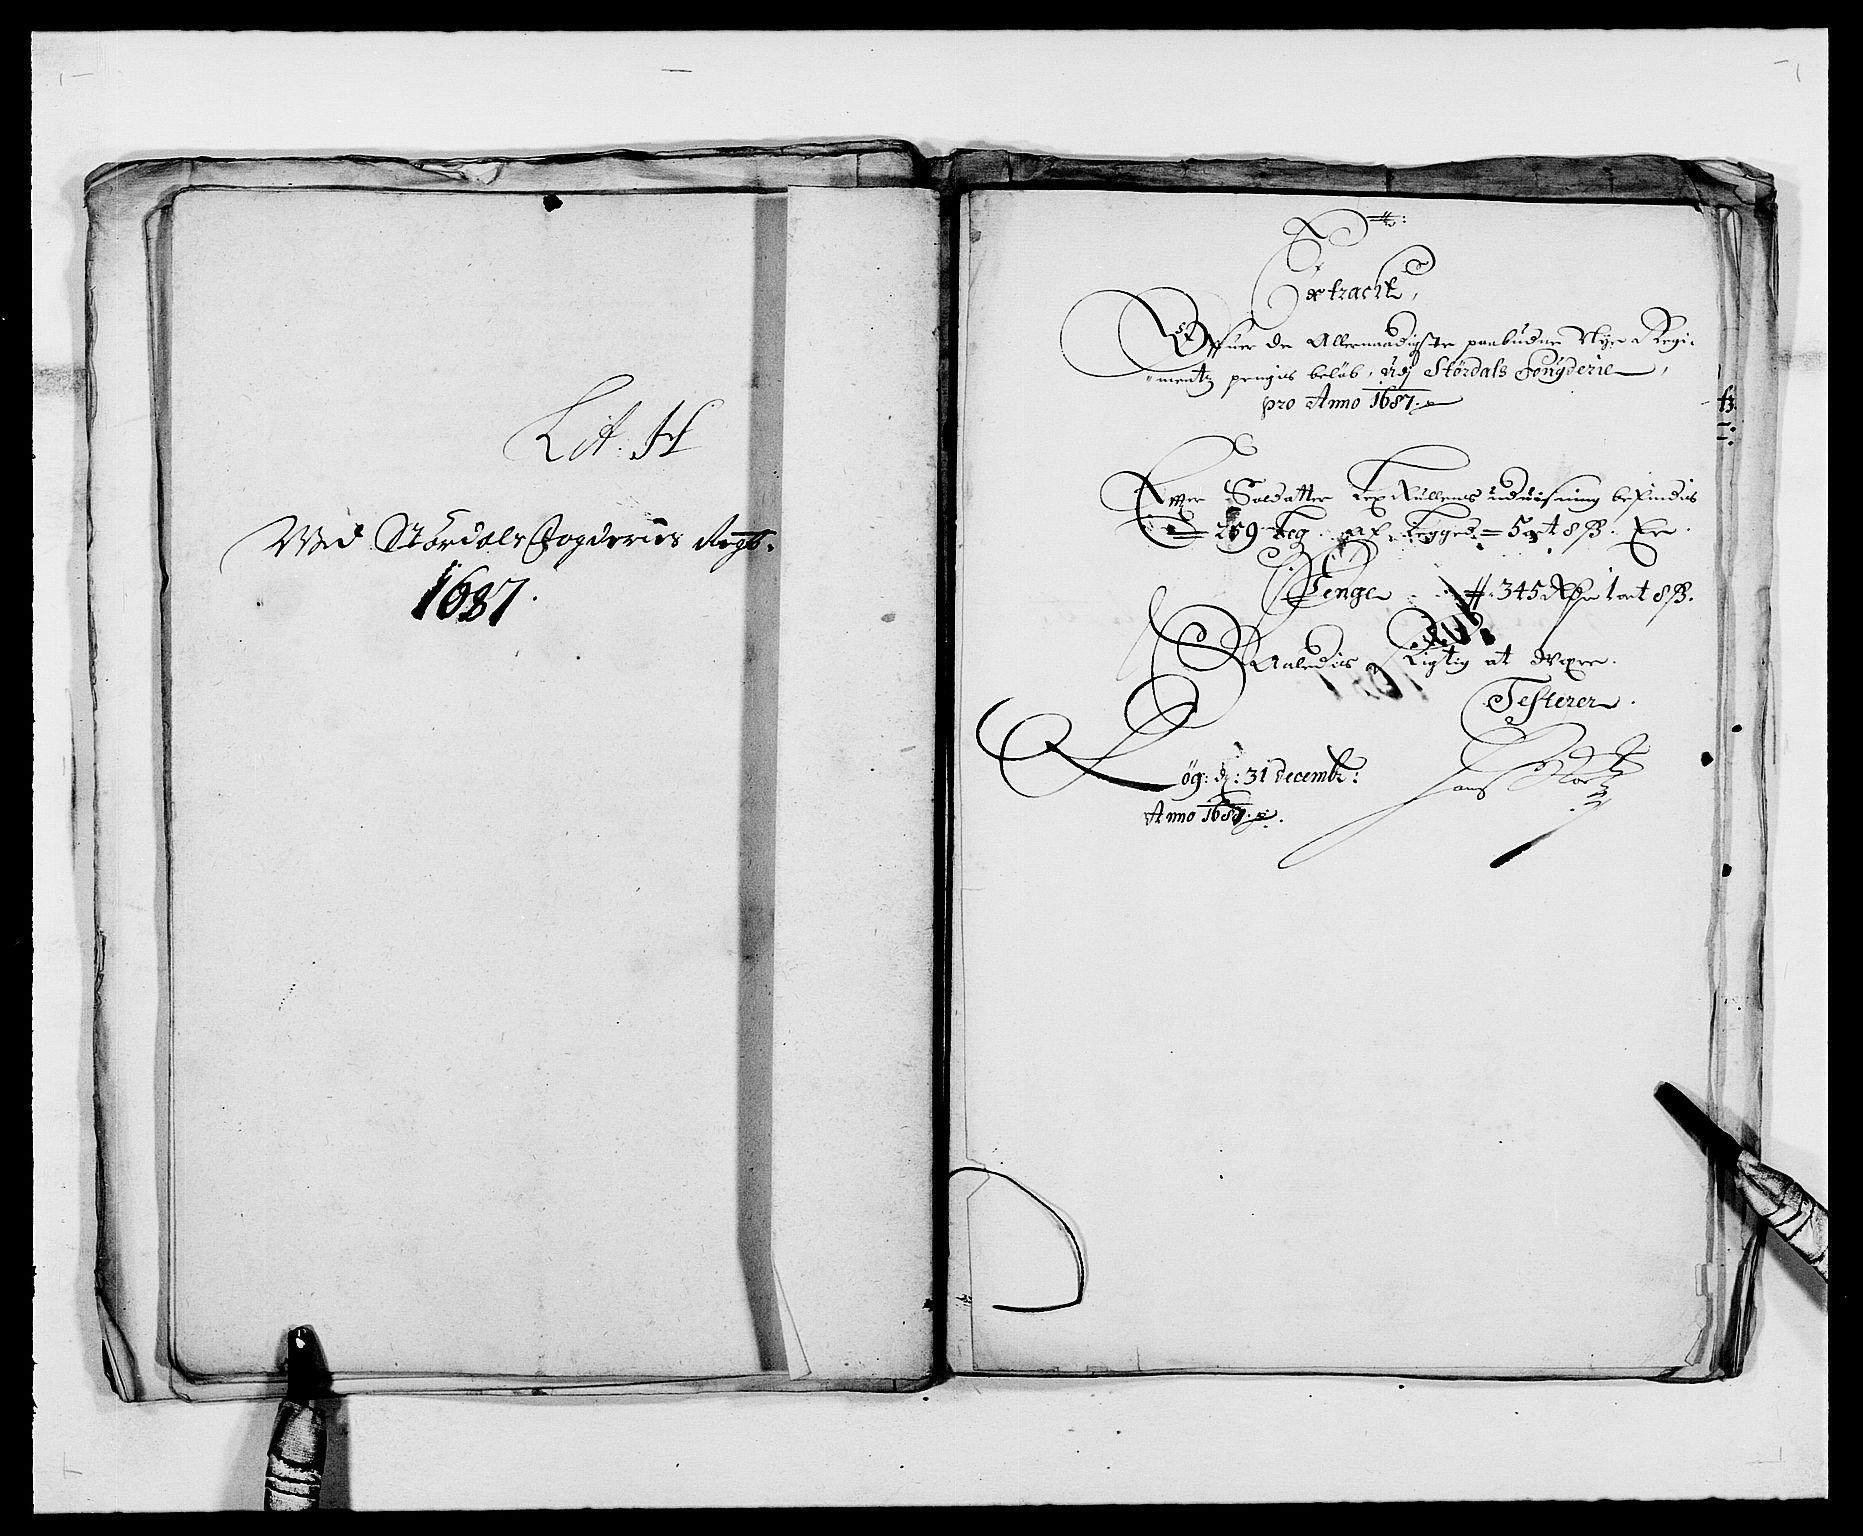 RA, Rentekammeret inntil 1814, Reviderte regnskaper, Fogderegnskap, R62/L4183: Fogderegnskap Stjørdal og Verdal, 1687-1689, s. 72